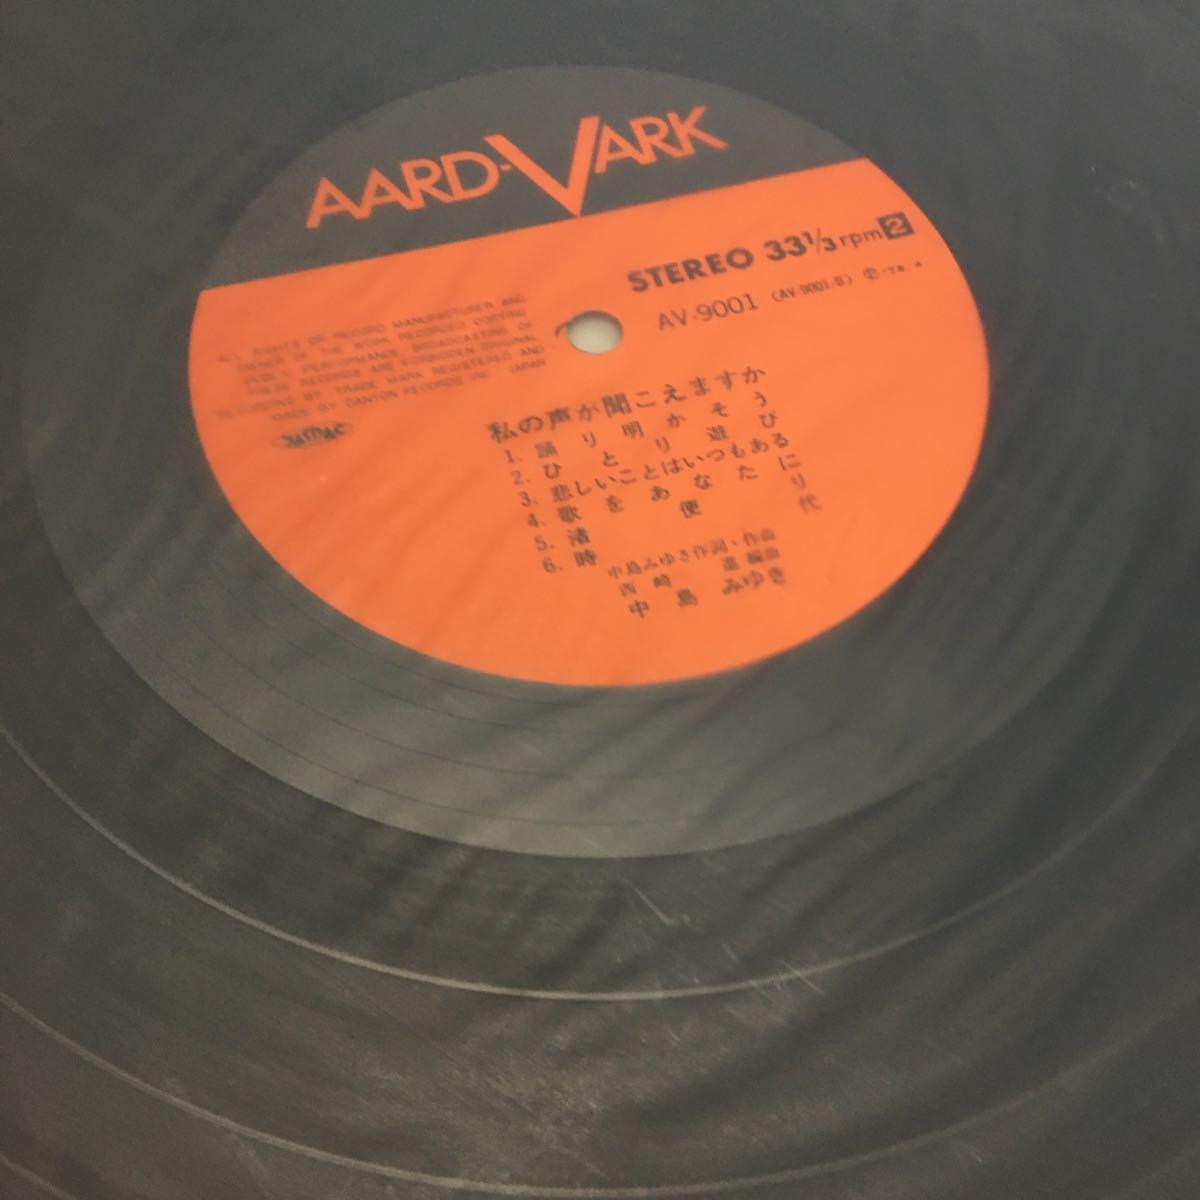 【中島みゆき・私の声が聞こえますか】ファーストアルバム LP レコード 時代 アザミ嬢のララバイ  1976年 YAMAHA【20/02 J2】_画像9